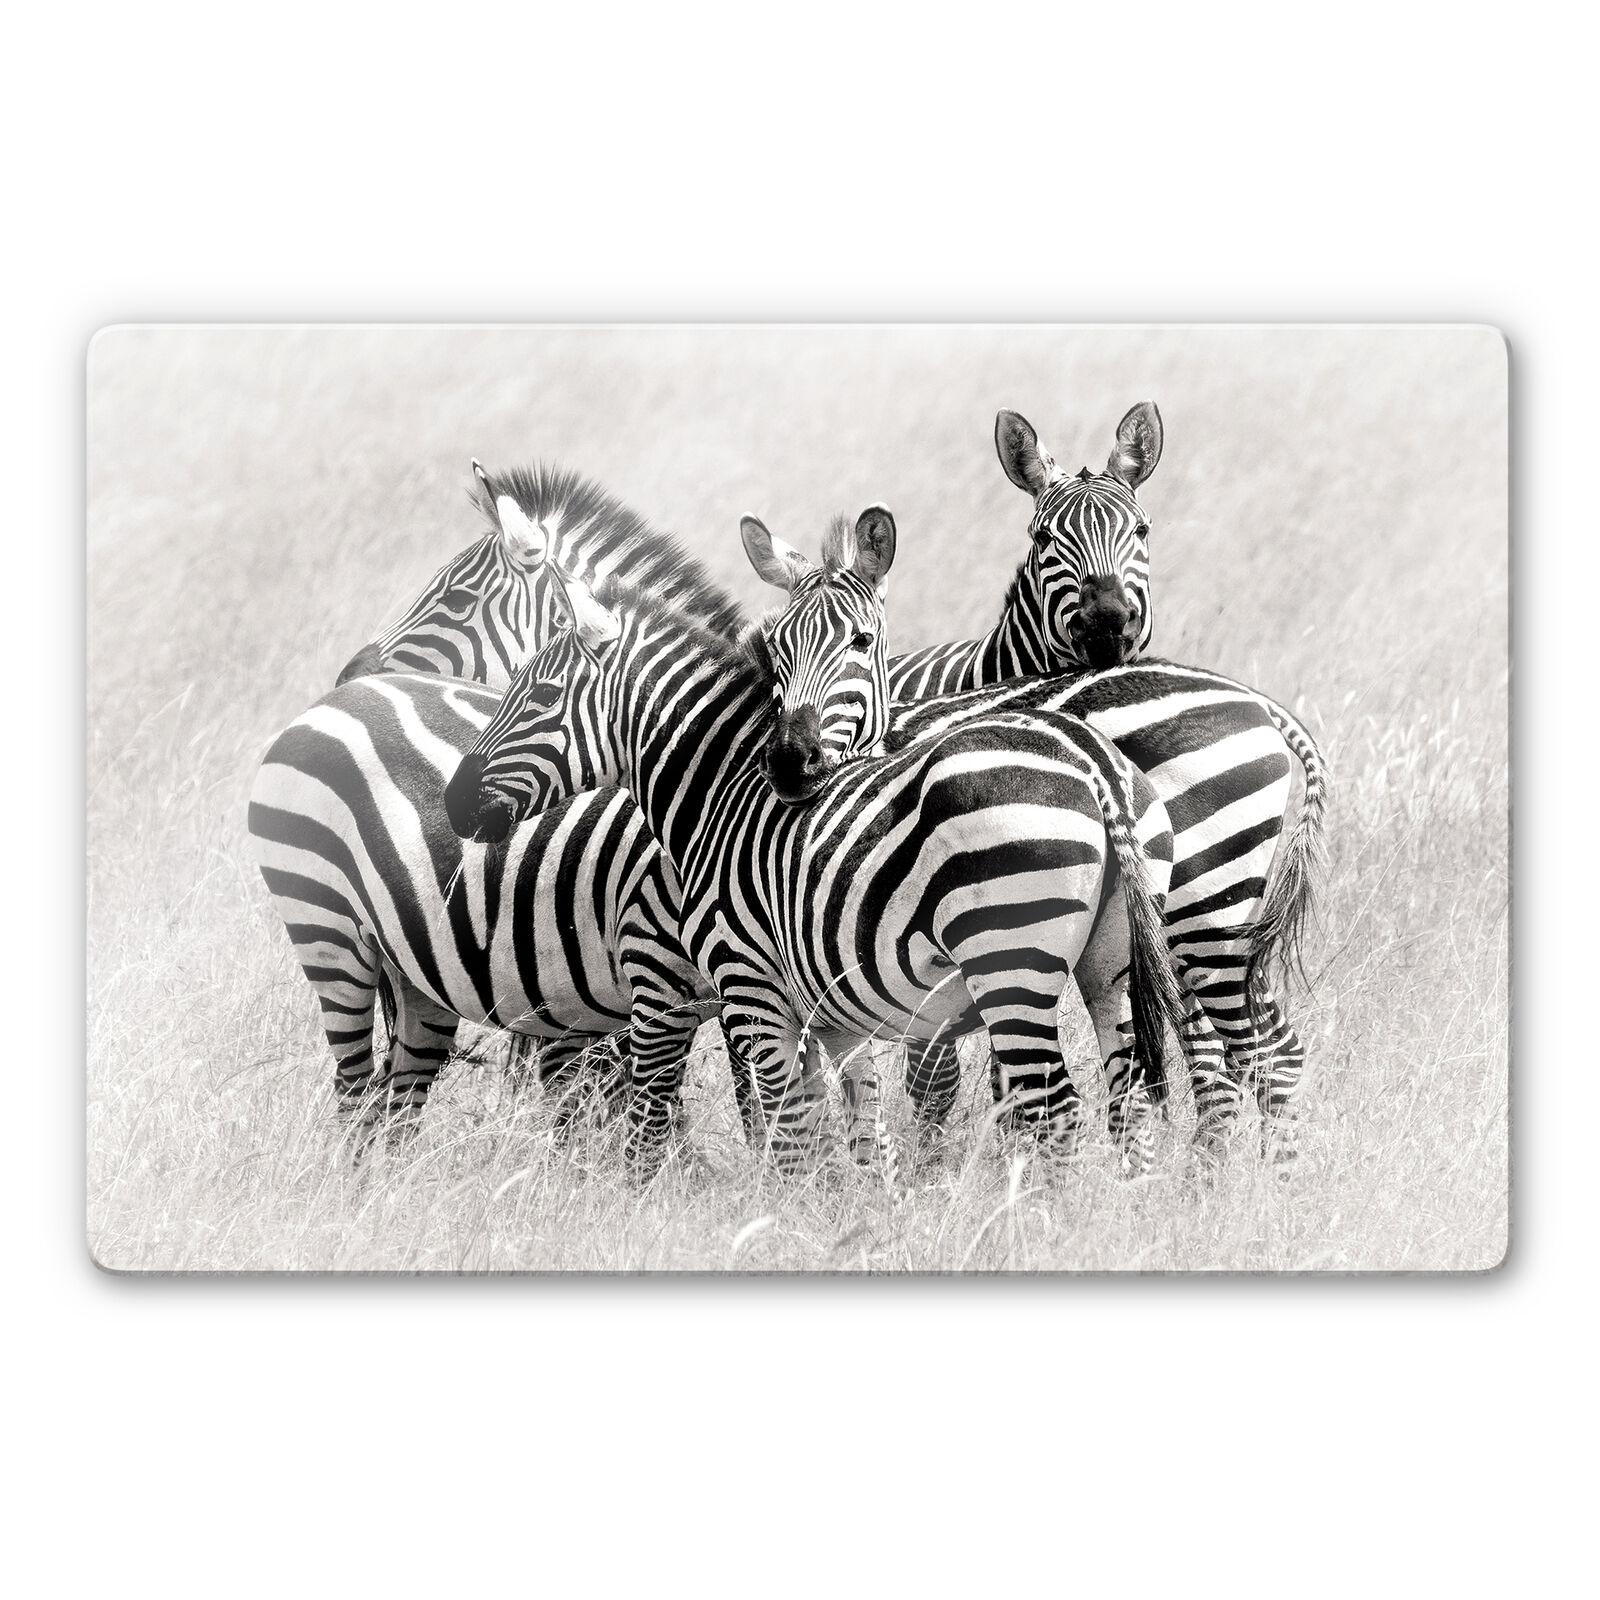 Glasbild Trubitsyn - Zebras in der Savanne WANDDEKO 4mm ESG Sicherheitsglas Deko